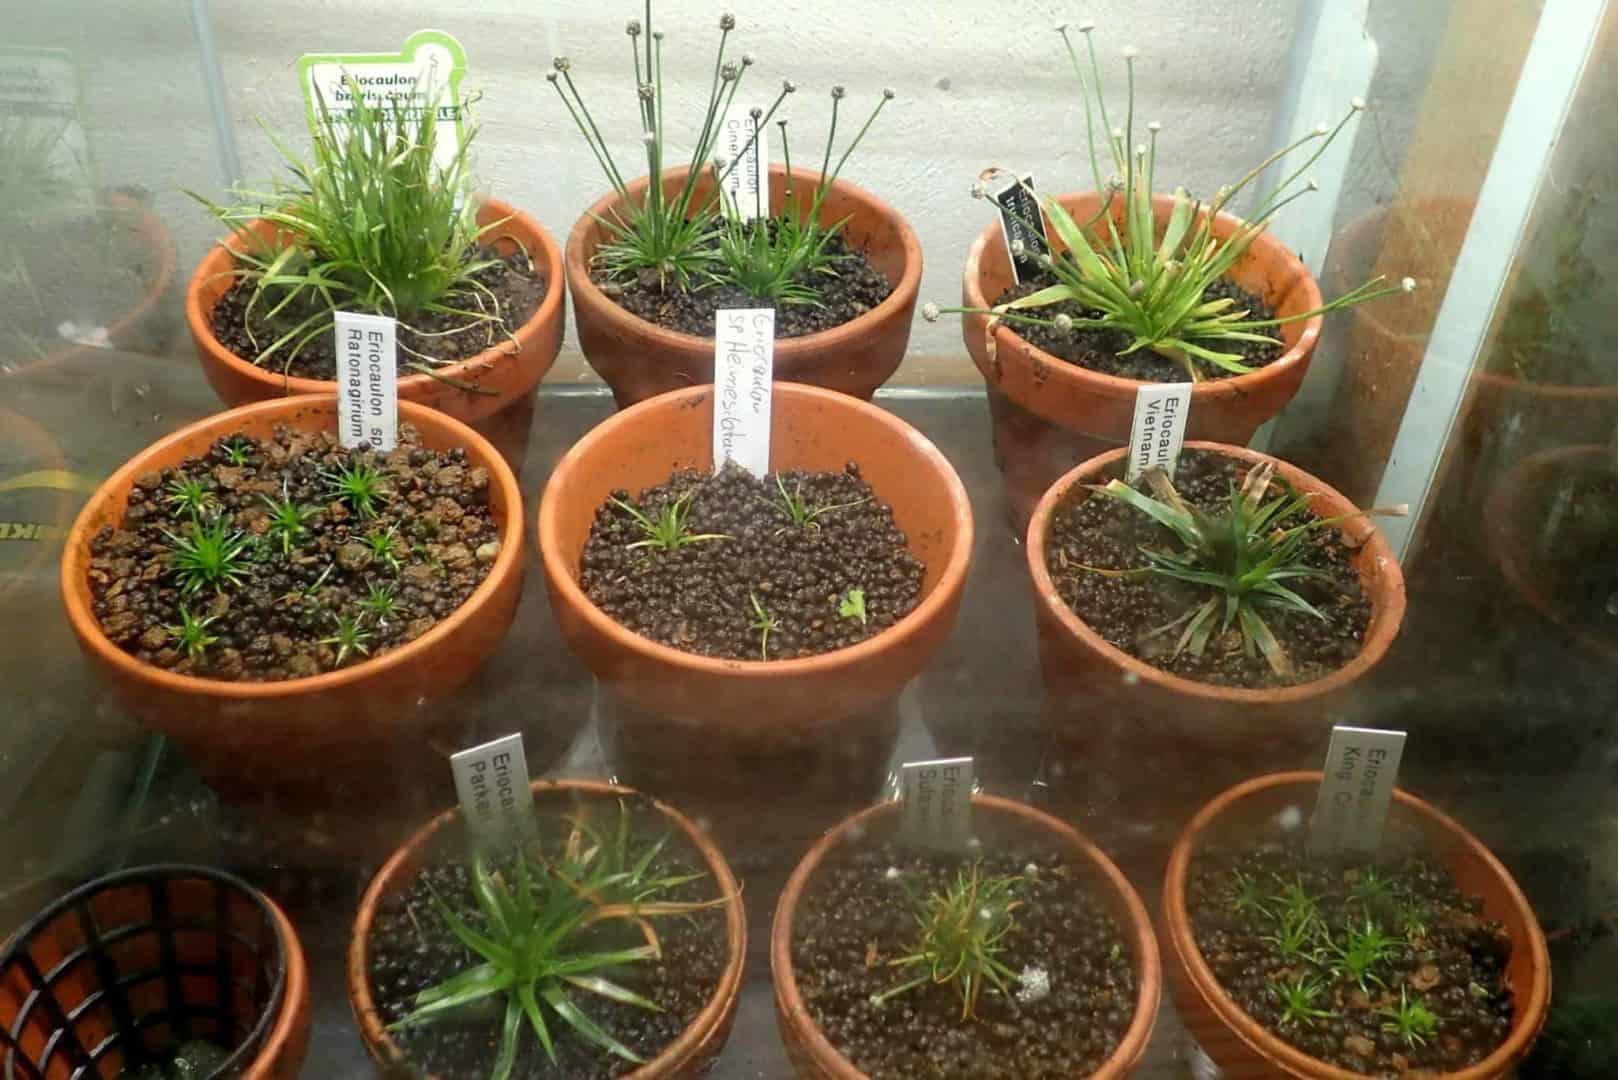 Podcast Episode #136: Eriocaulon - Eine sehr spezielle Pflanzengattung (Niklas Entenmann) 6